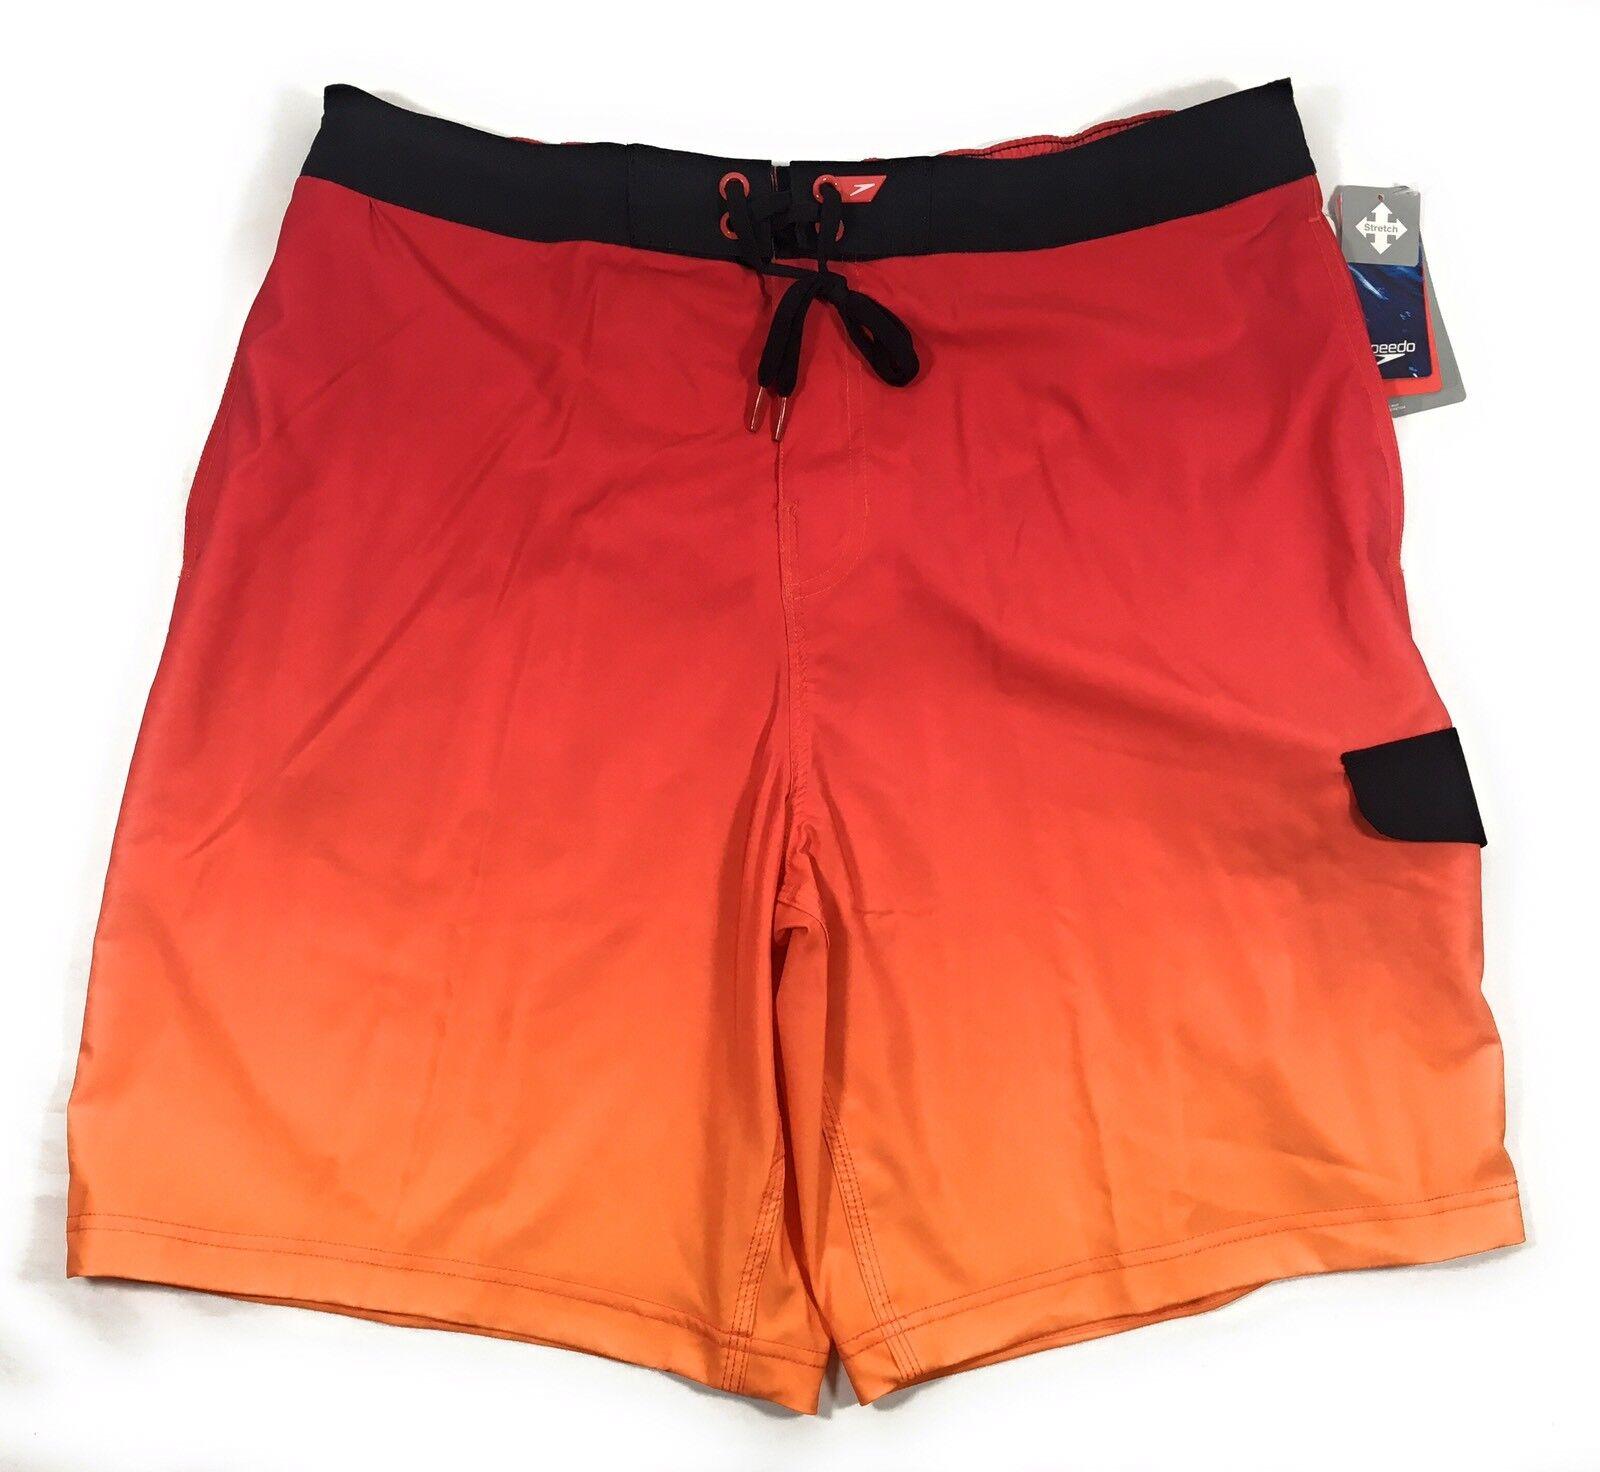 Speedo Men's XL Engineered Ombre E-Board Shorts Swim Trunks 21 Inch Fiery Red